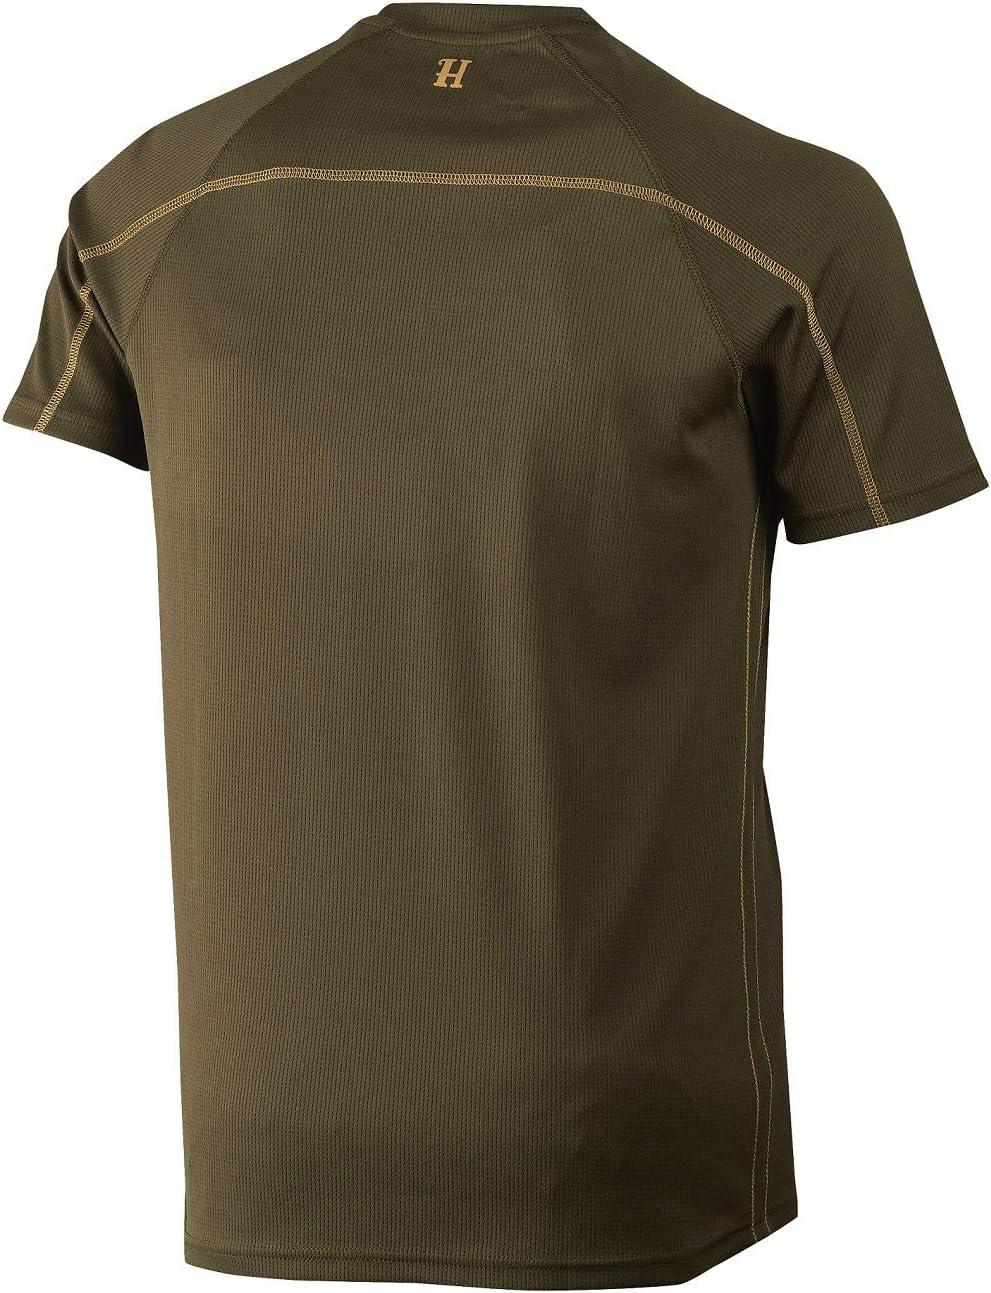 H/ärkila Herlet Tech S//S t-shirt Willow green XL